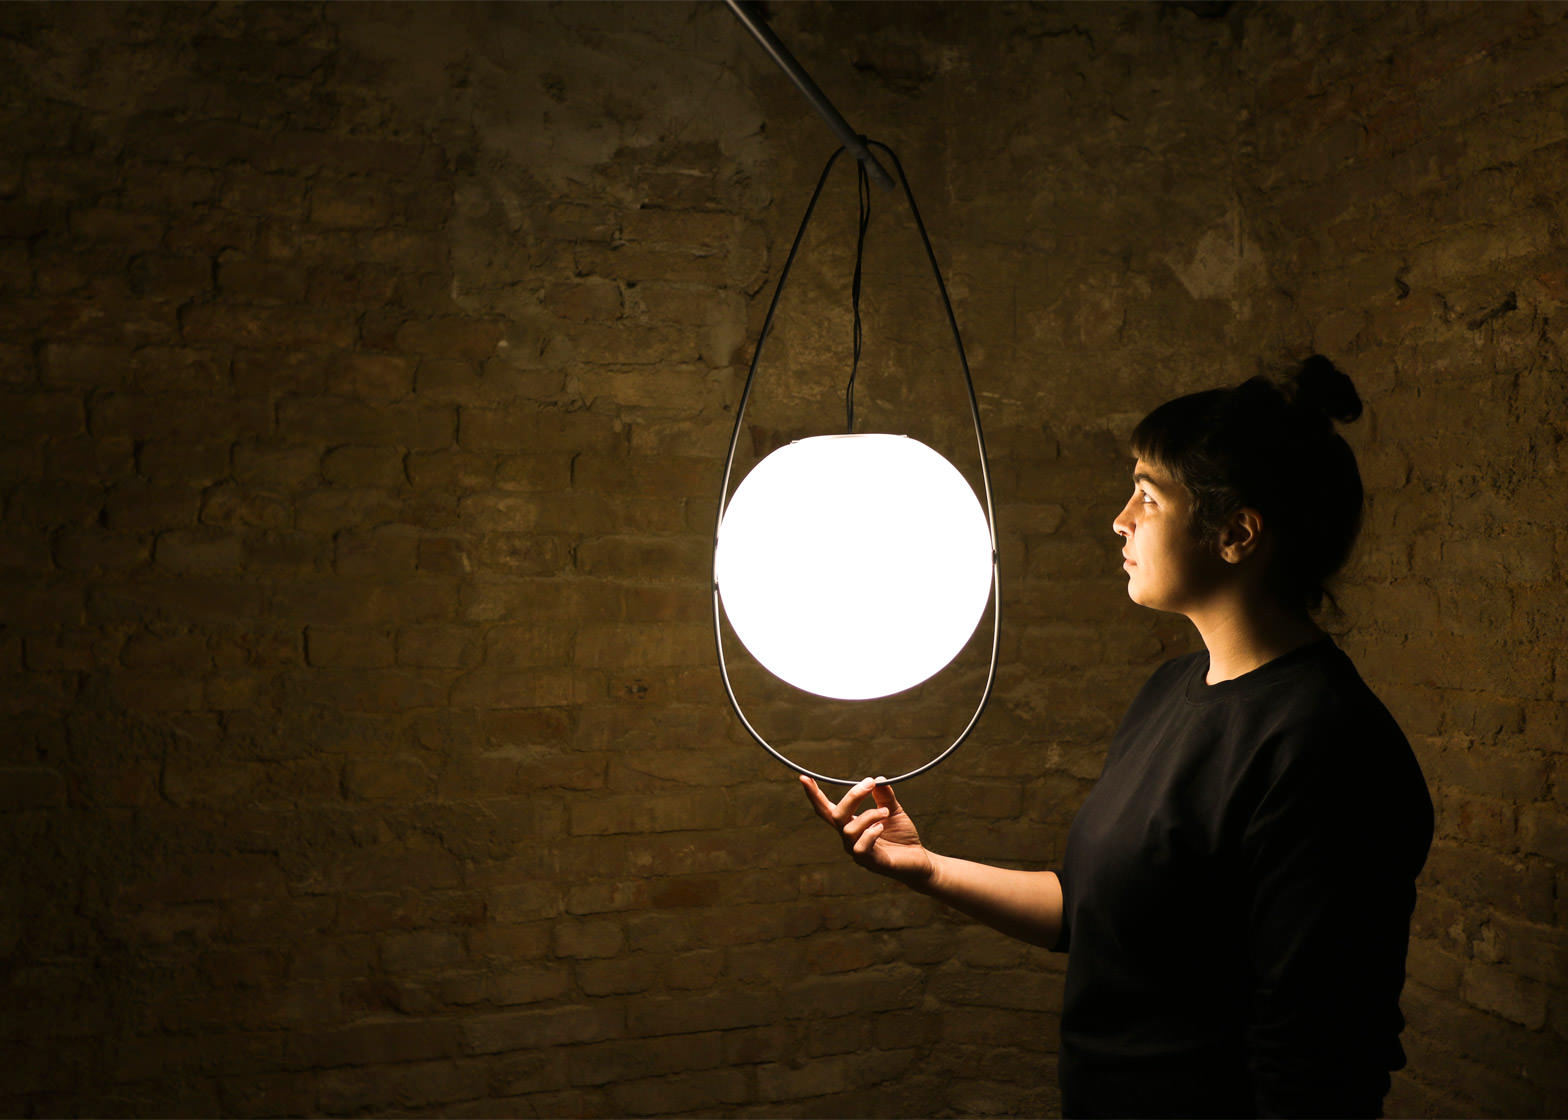 equilumen-mischer-traxler-light-distribution-glas-sphere-design-lighting-motion_dezeen_1568_7